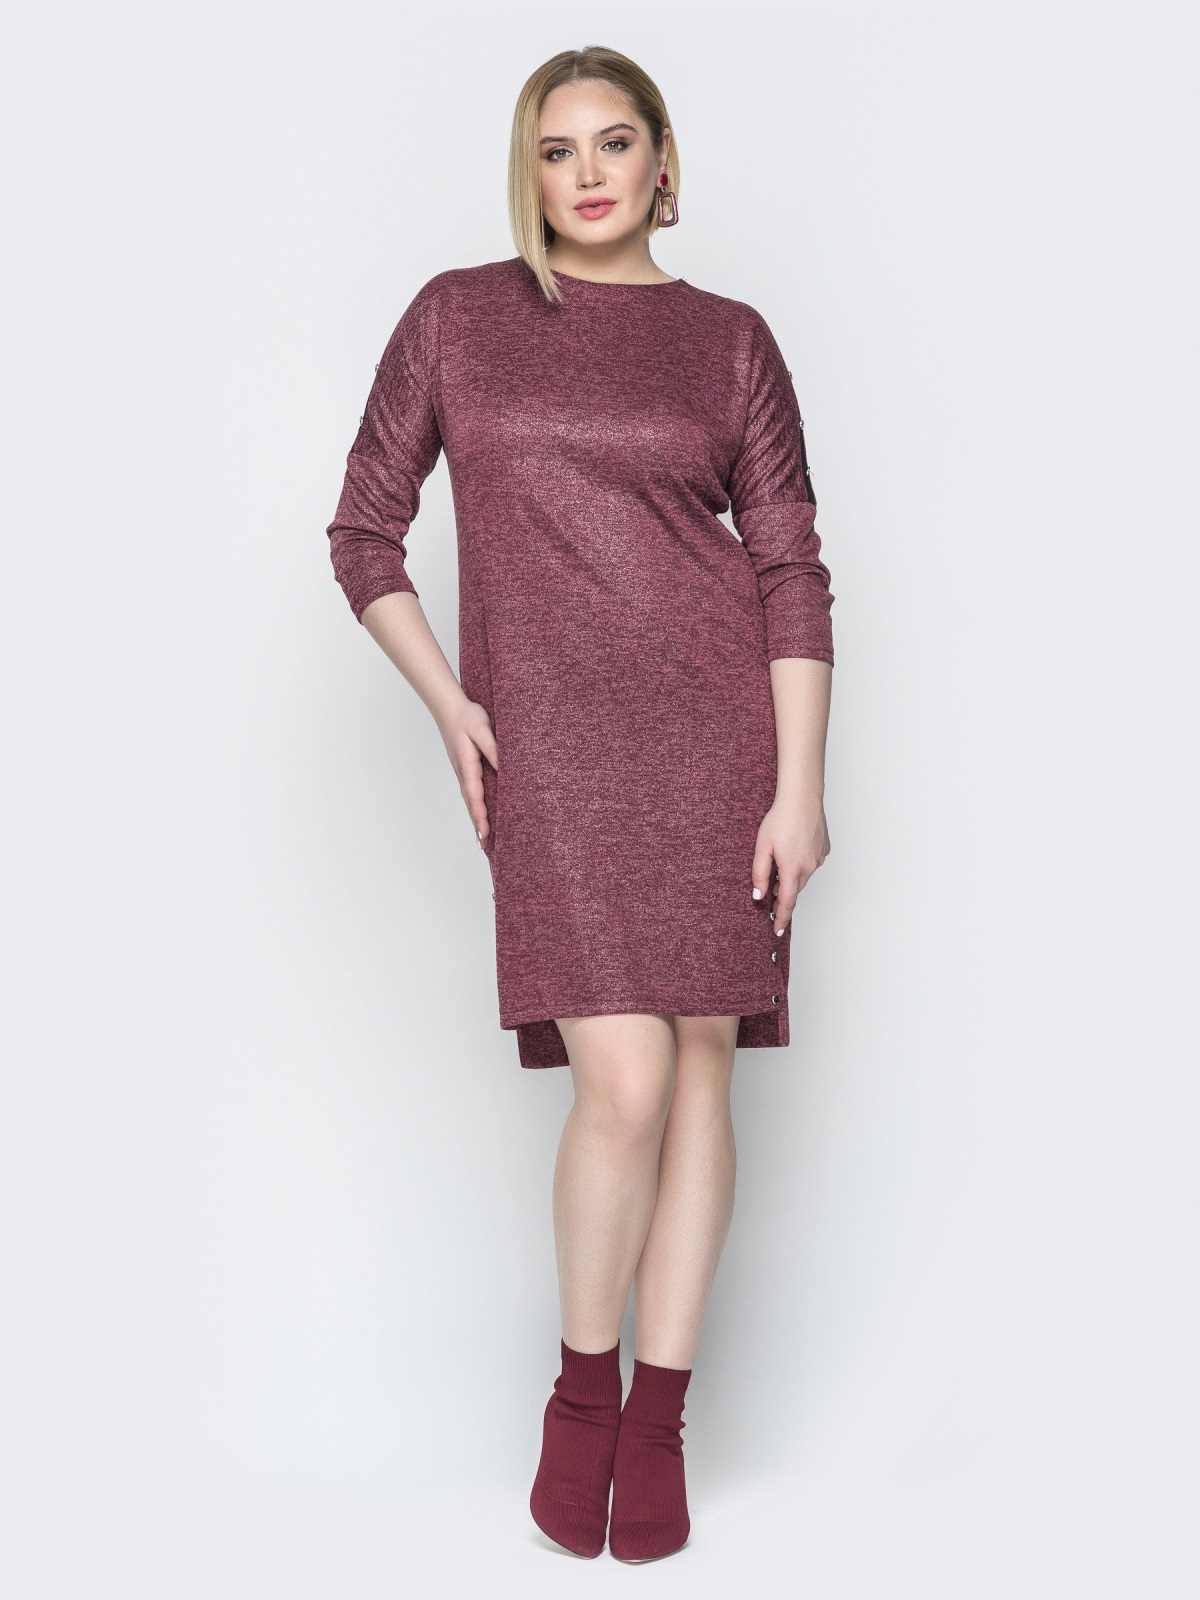 Бордовое платье с люрексом приталенного кроя и пуговицами 20364, фото 1